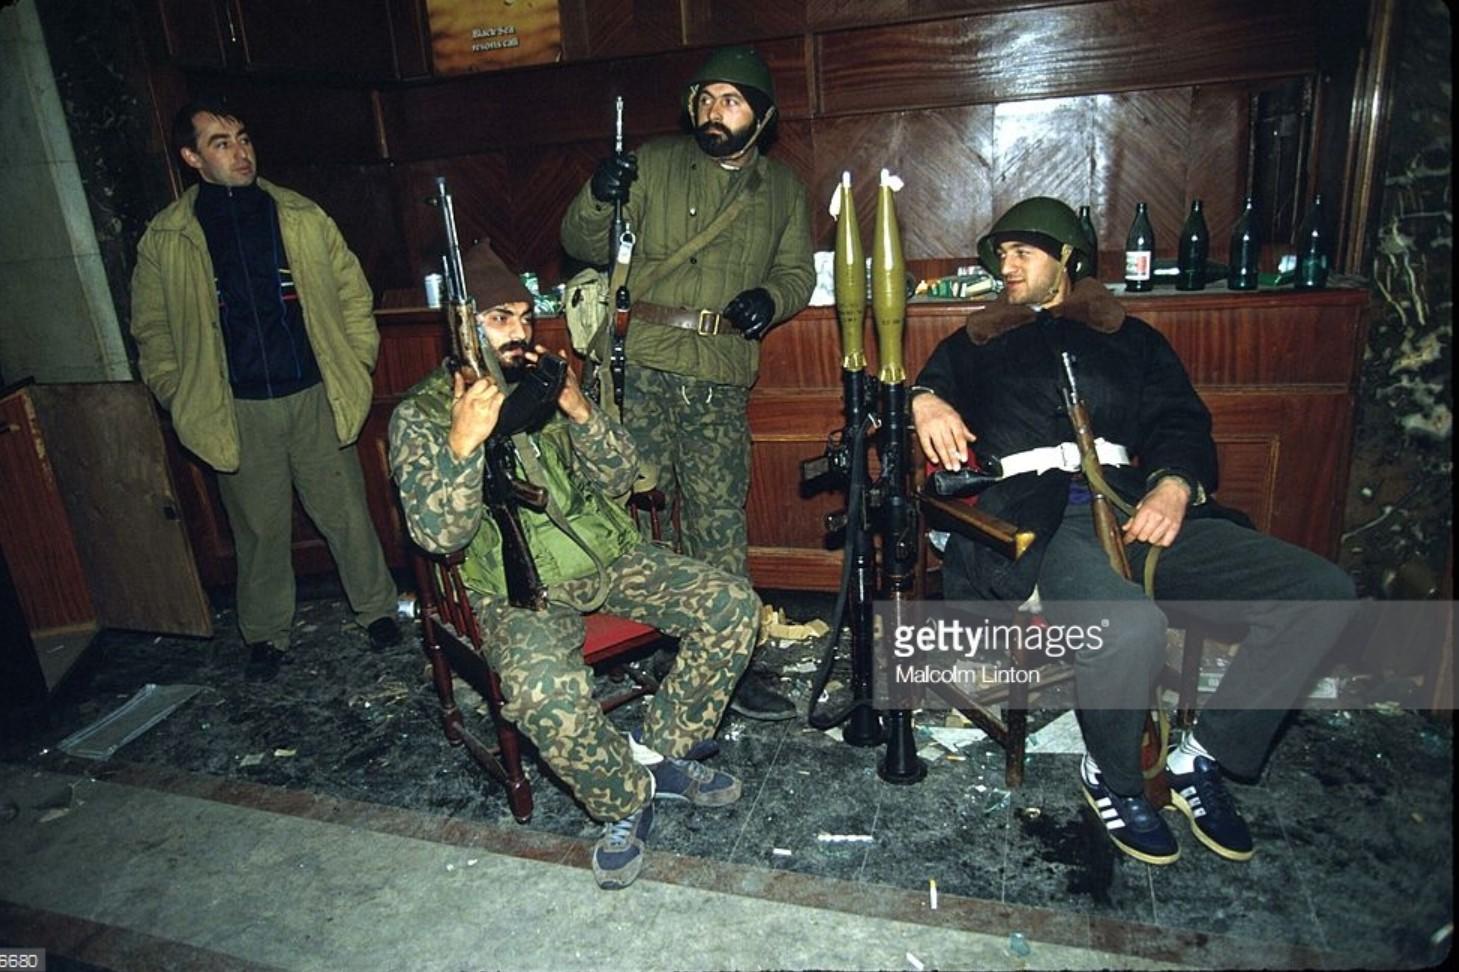 1991. 27 декабря. Тбилиси. Бойцы оппозиции сидят с автоматами и ракетными установками